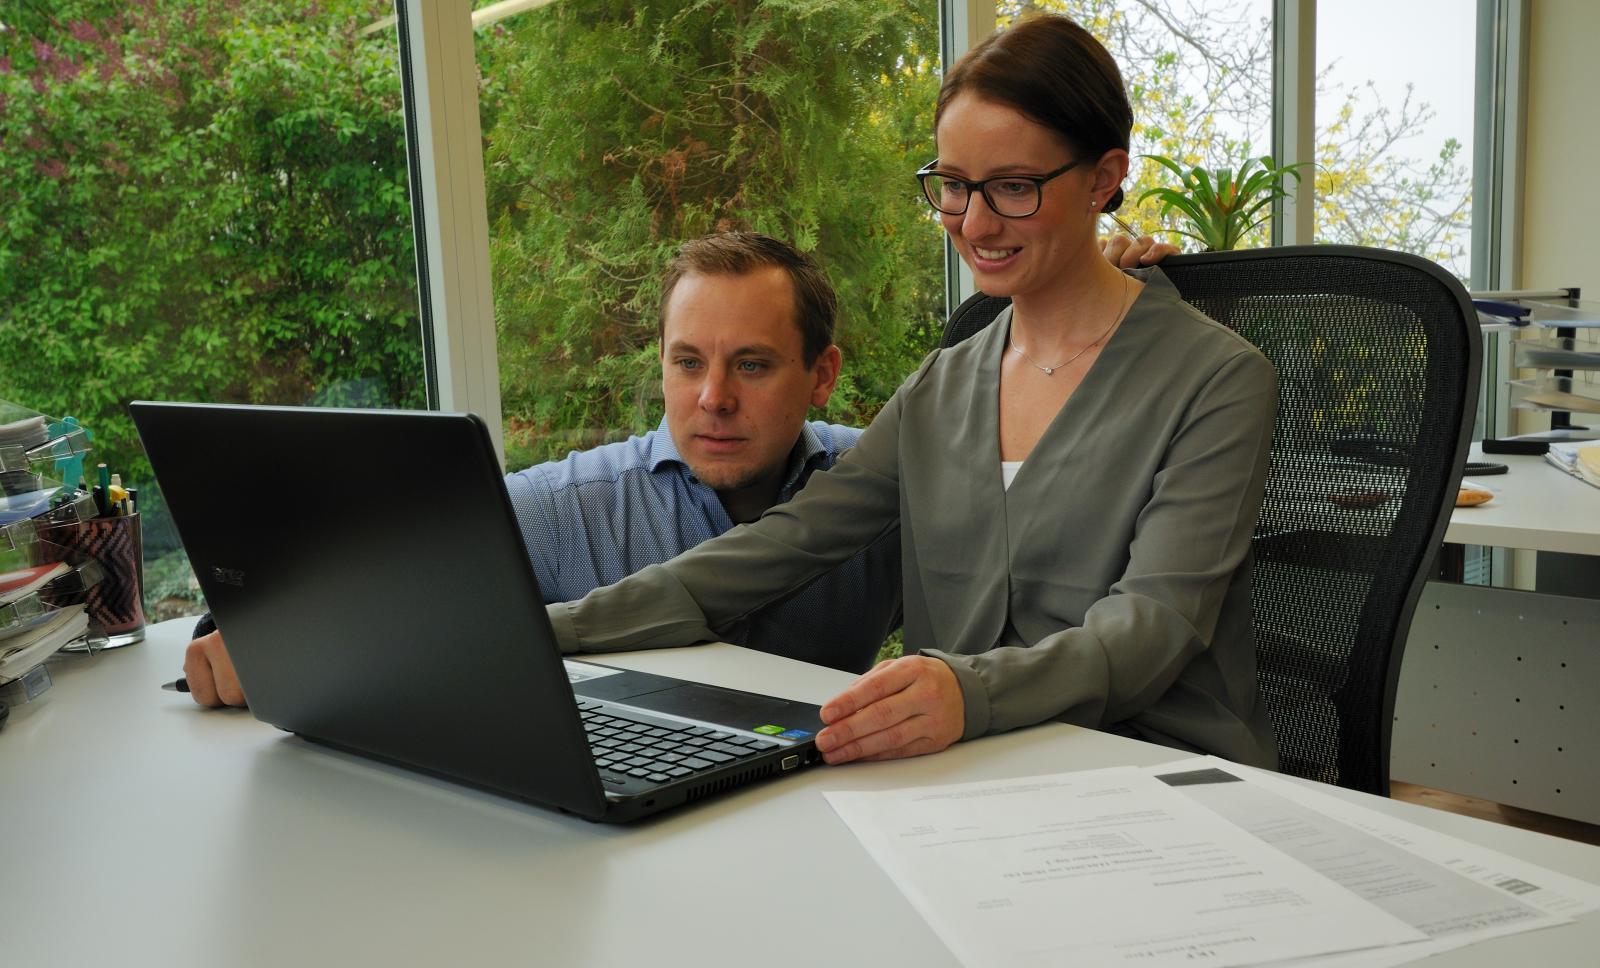 Fürst Immobilien GmbH